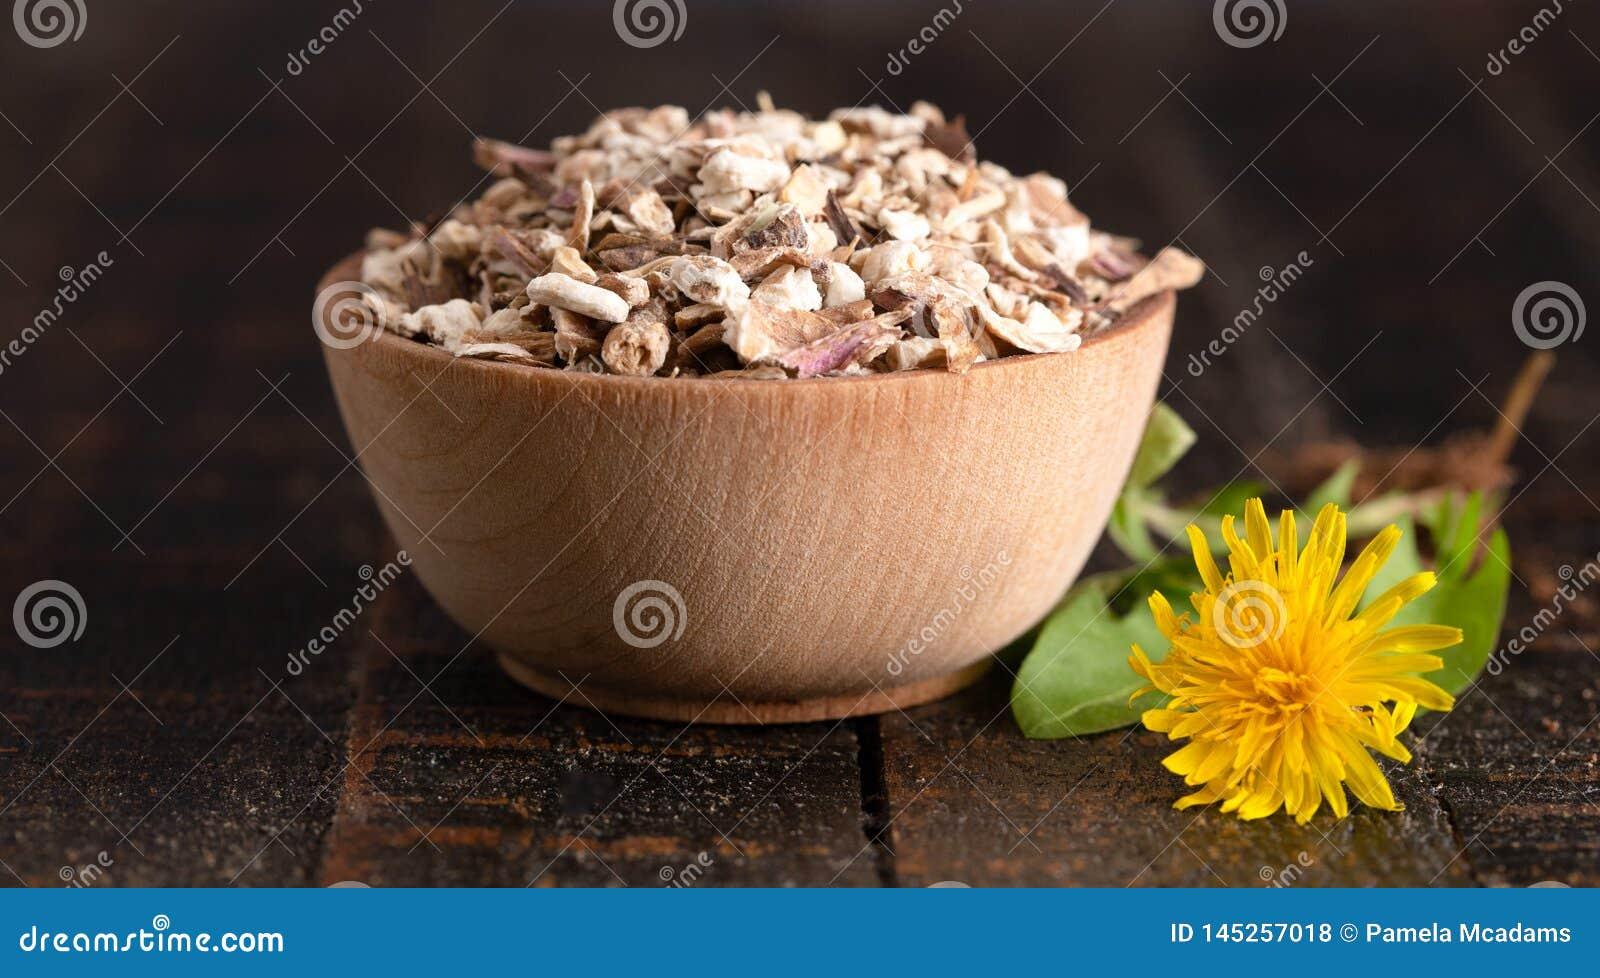 Schüssel der entwässerten Löwenzahn-Wurzel auf einem rustikalen Holztisch